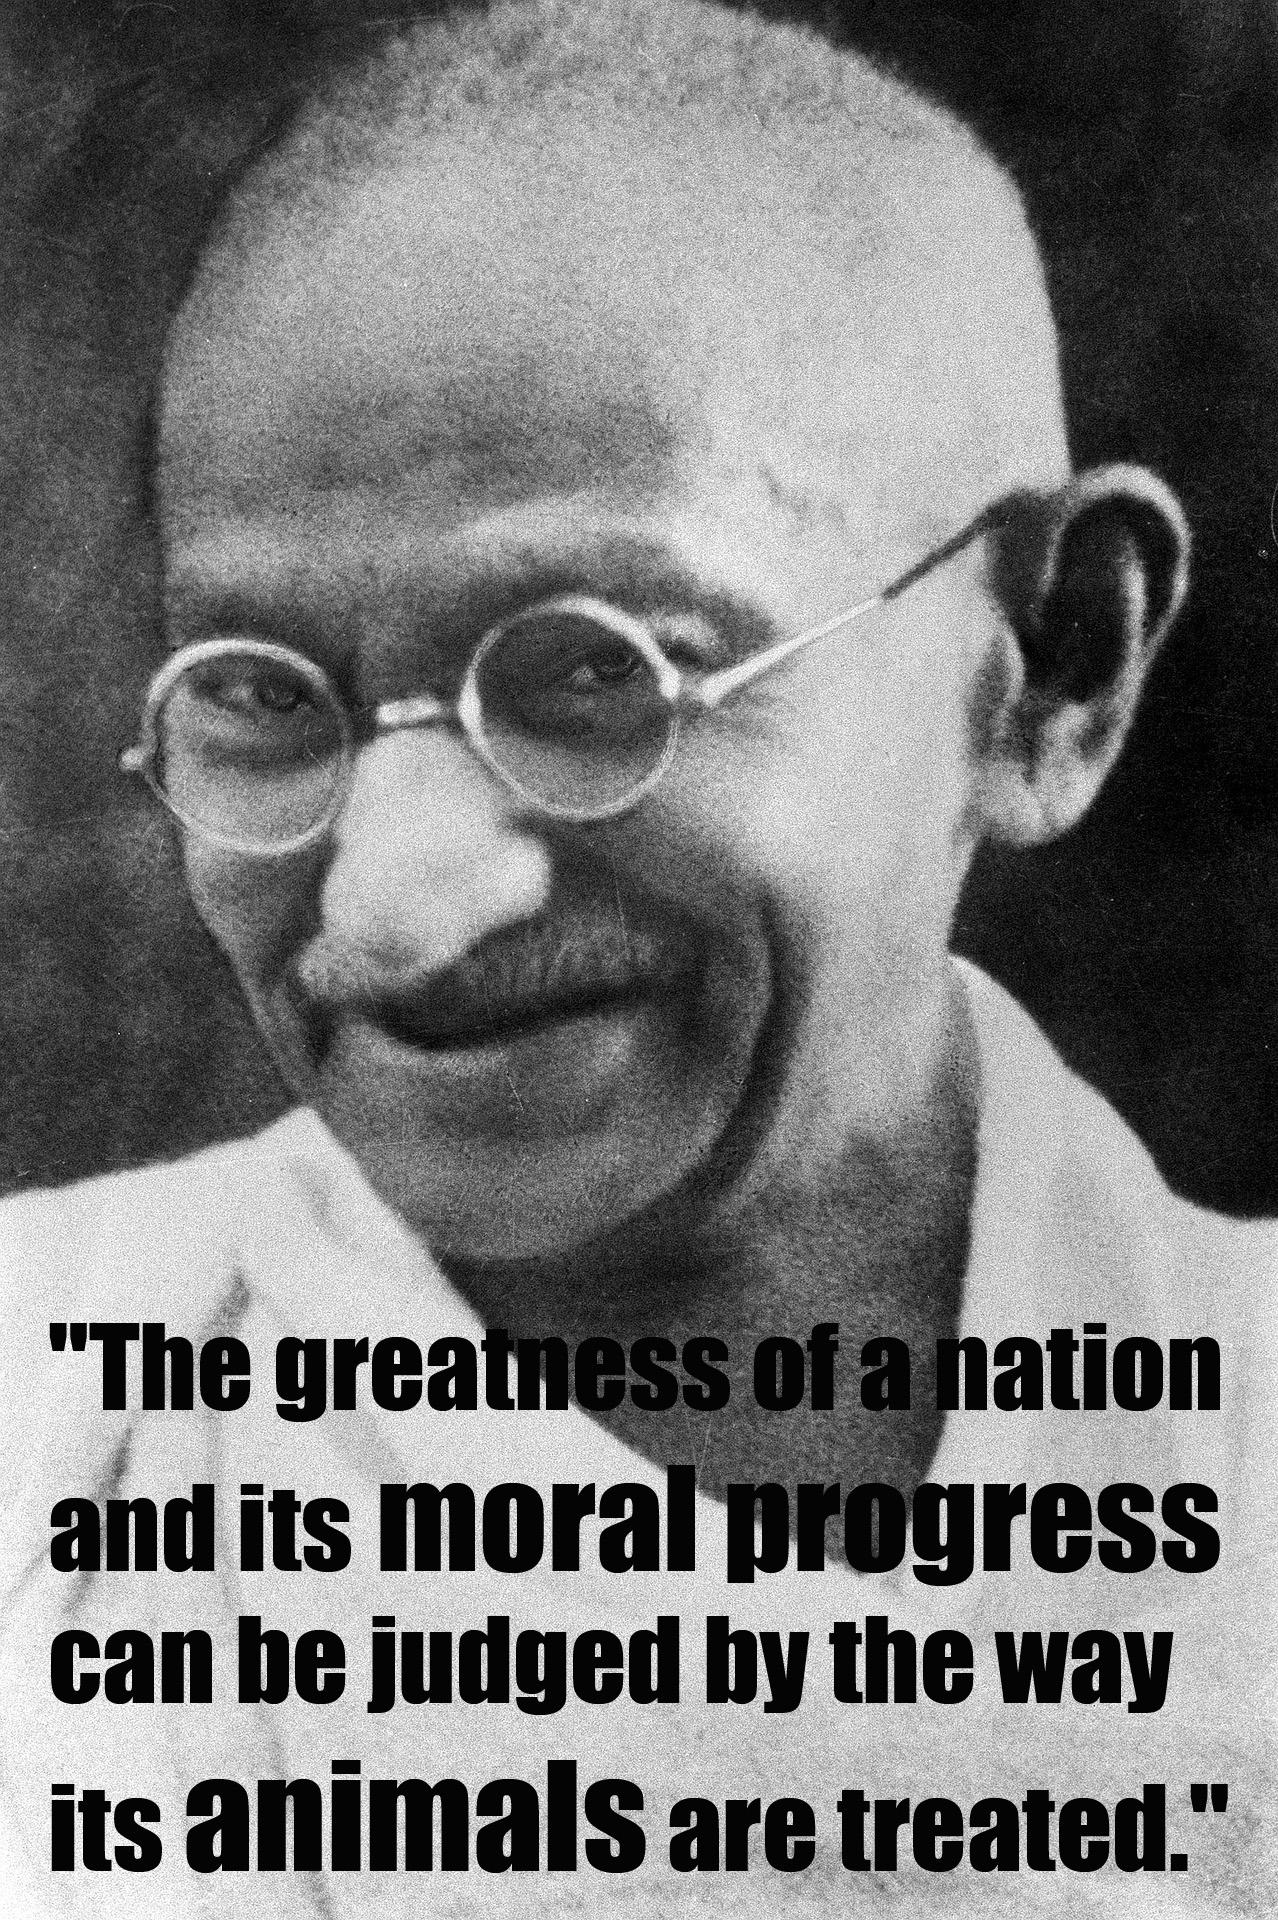 QUOTE Gandhi